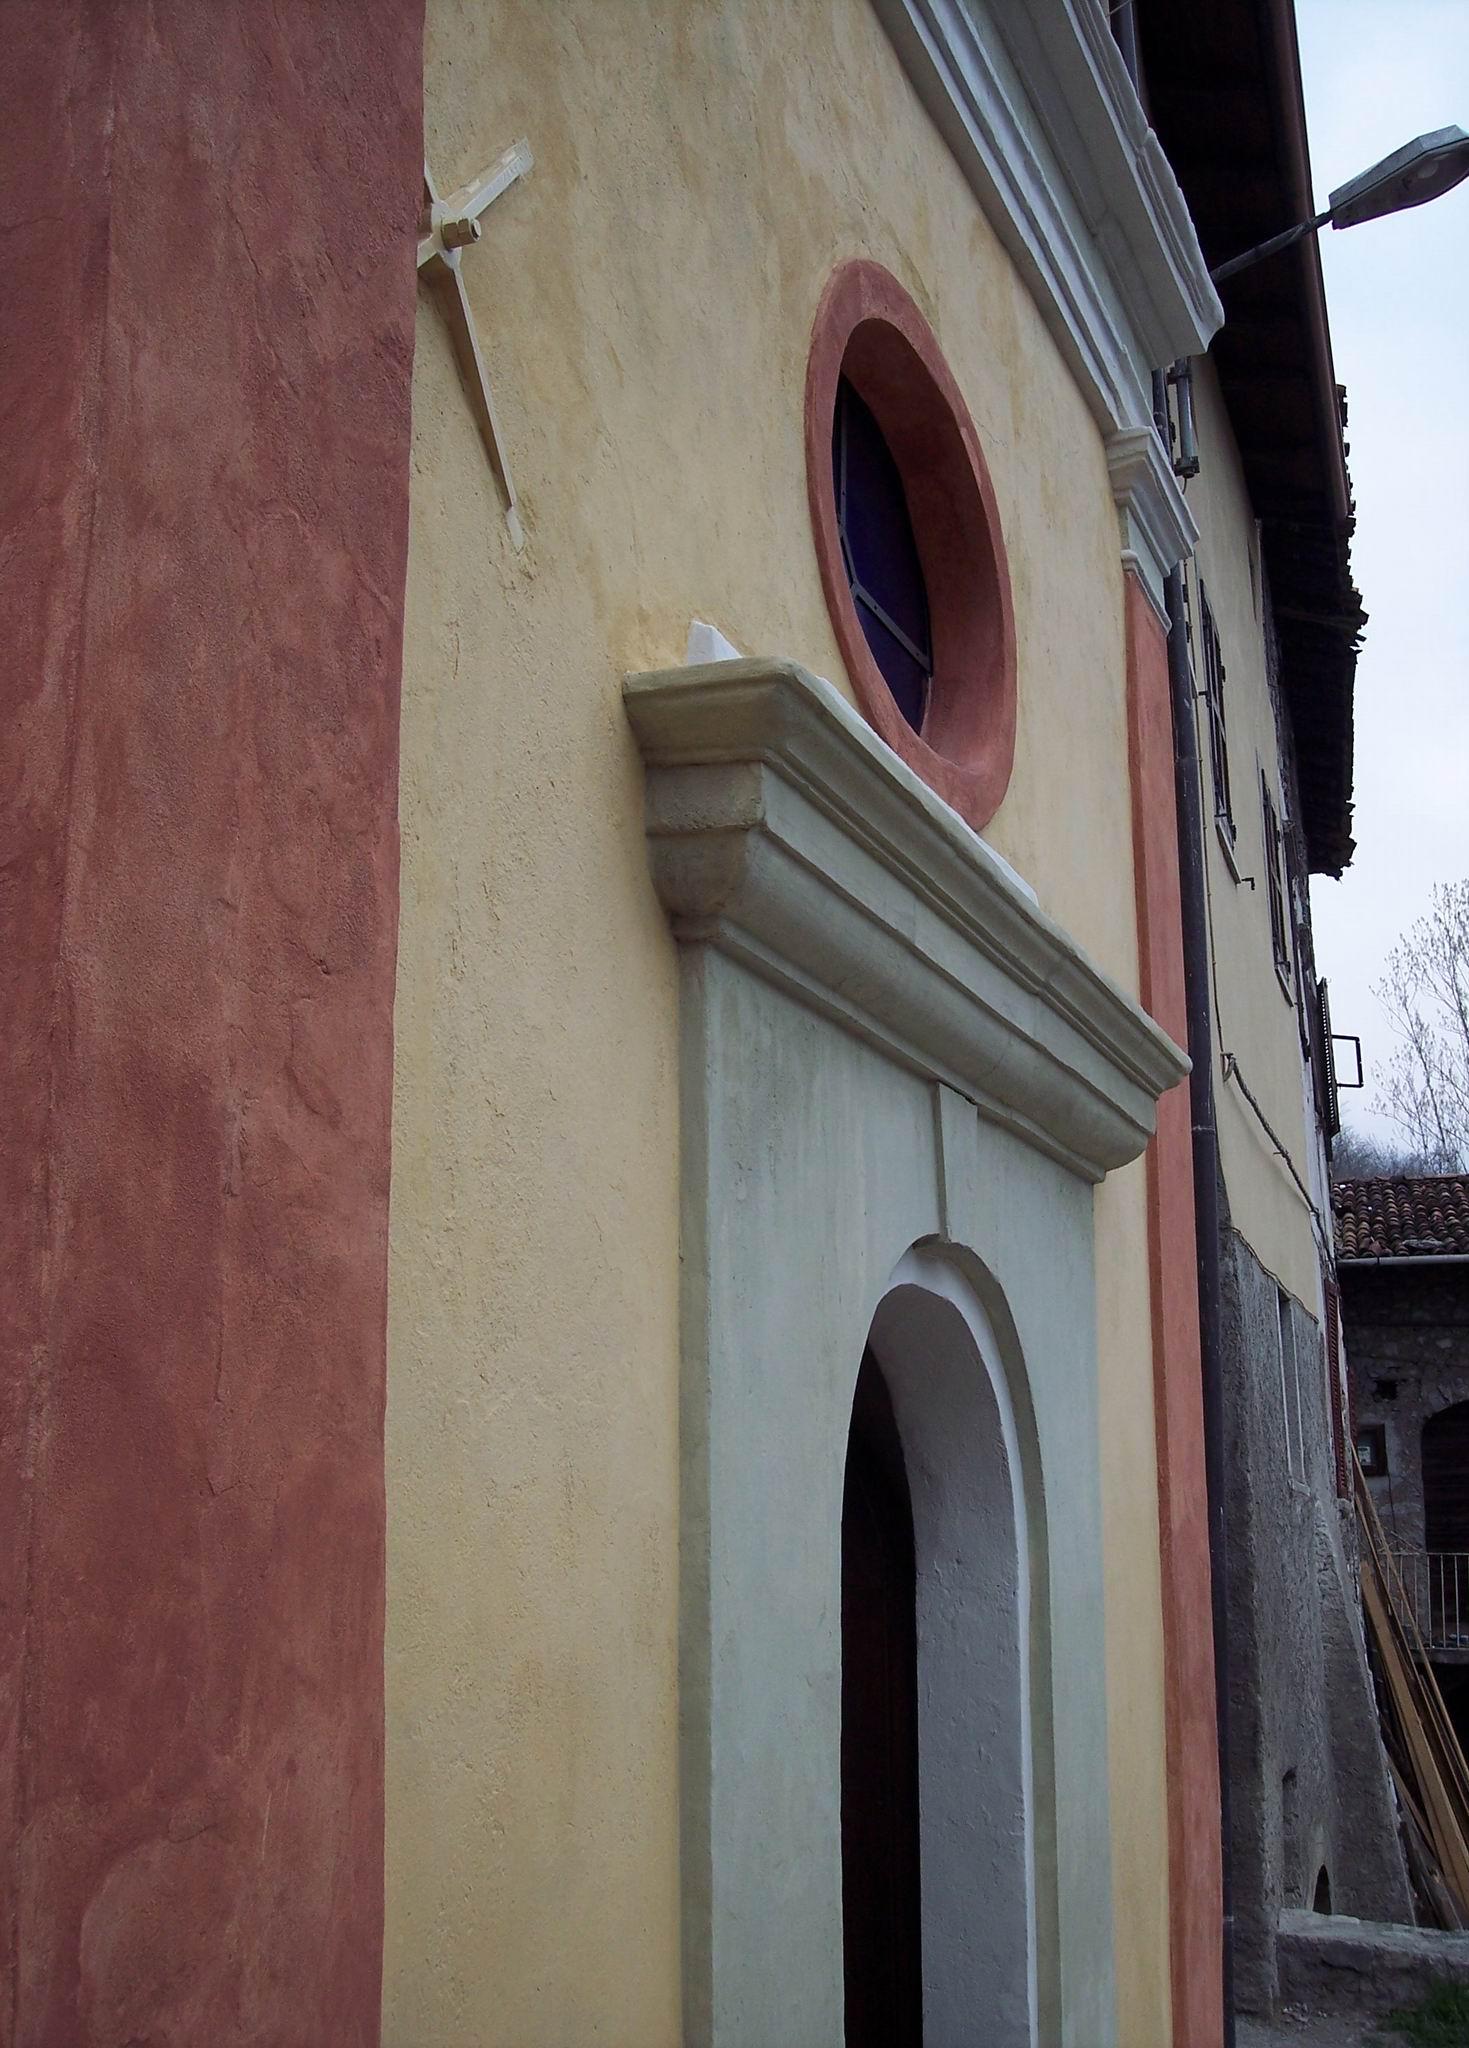 Studio-di-architettura-Baisotti-Sigala-prgetti632